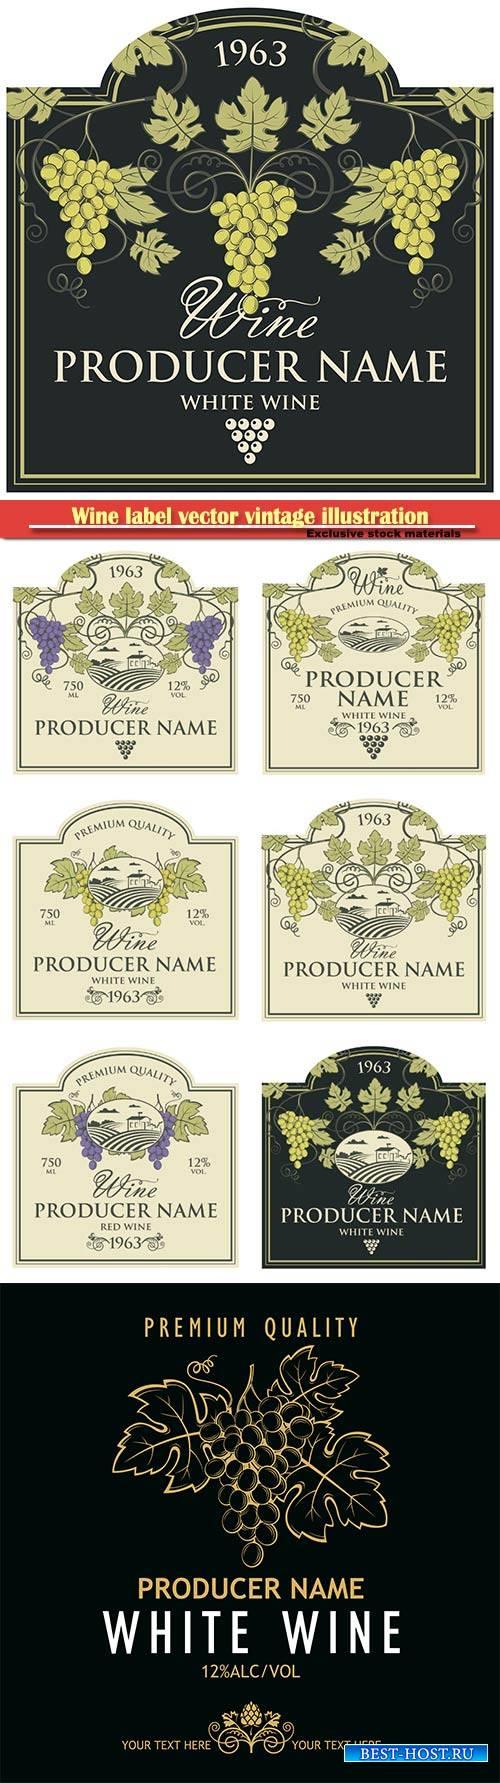 Wine label vector vintage illustration